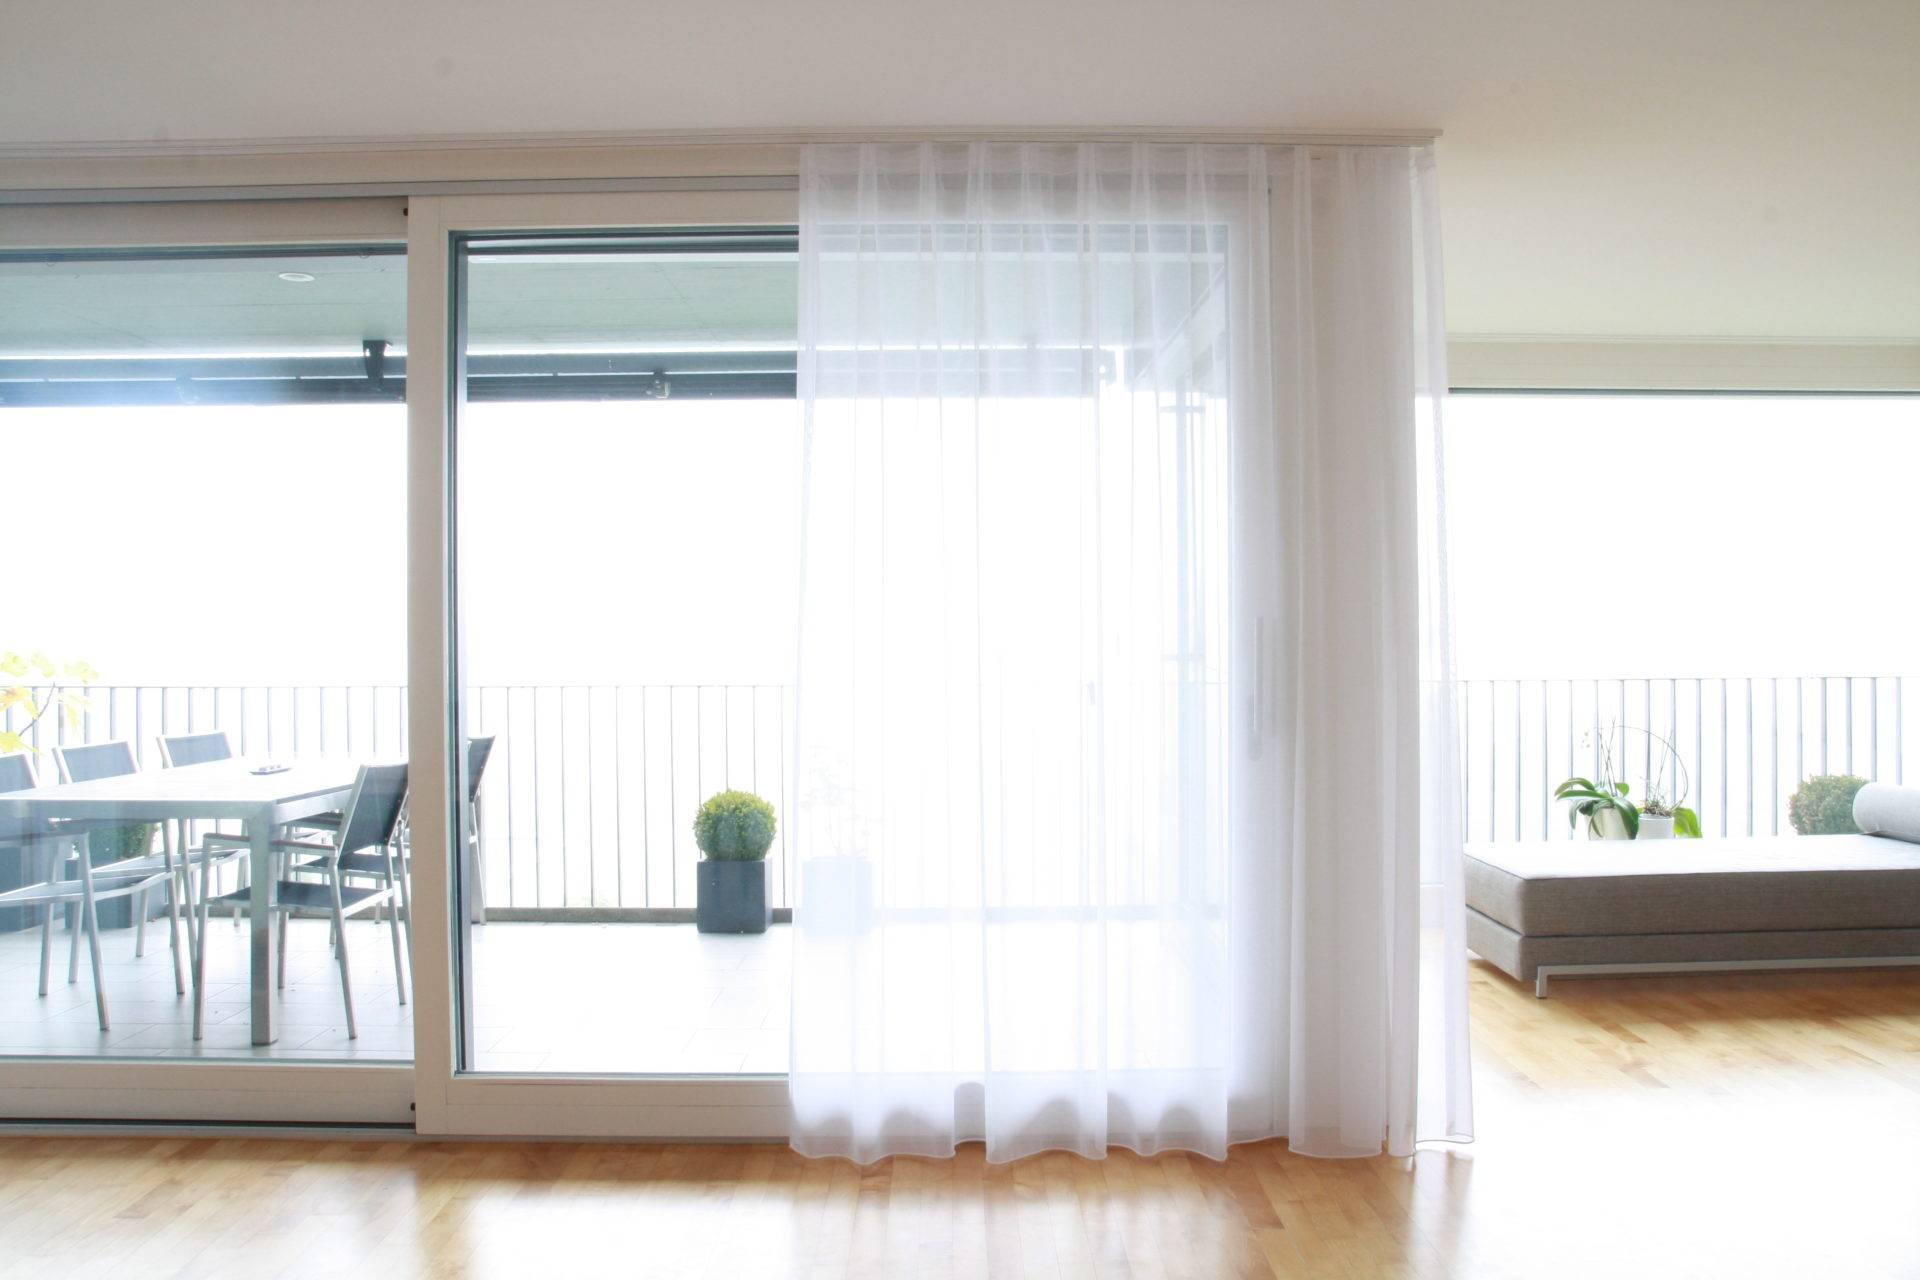 Full Size of Welche Vorhänge Für Wohnzimmer Vorhänge Wohnzimmer Grau Blau Orange Vorhang Wohnzimmer Vorhänge Wohnzimmer Lila Wohnzimmer Vorhang Wohnzimmer